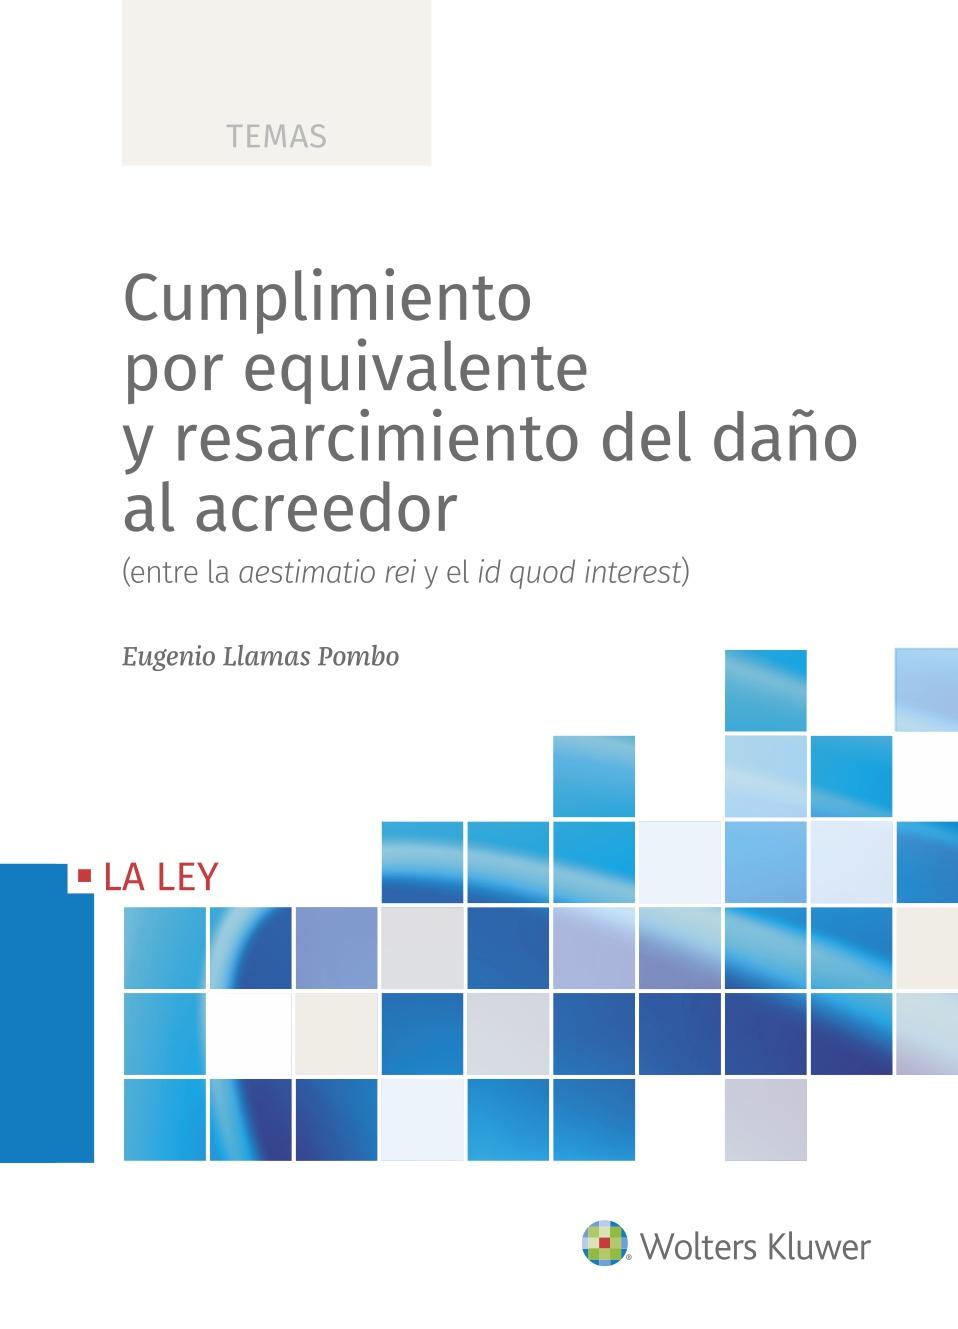 Cumplimiento por equivalente y resarcimiento del daño al acreedor